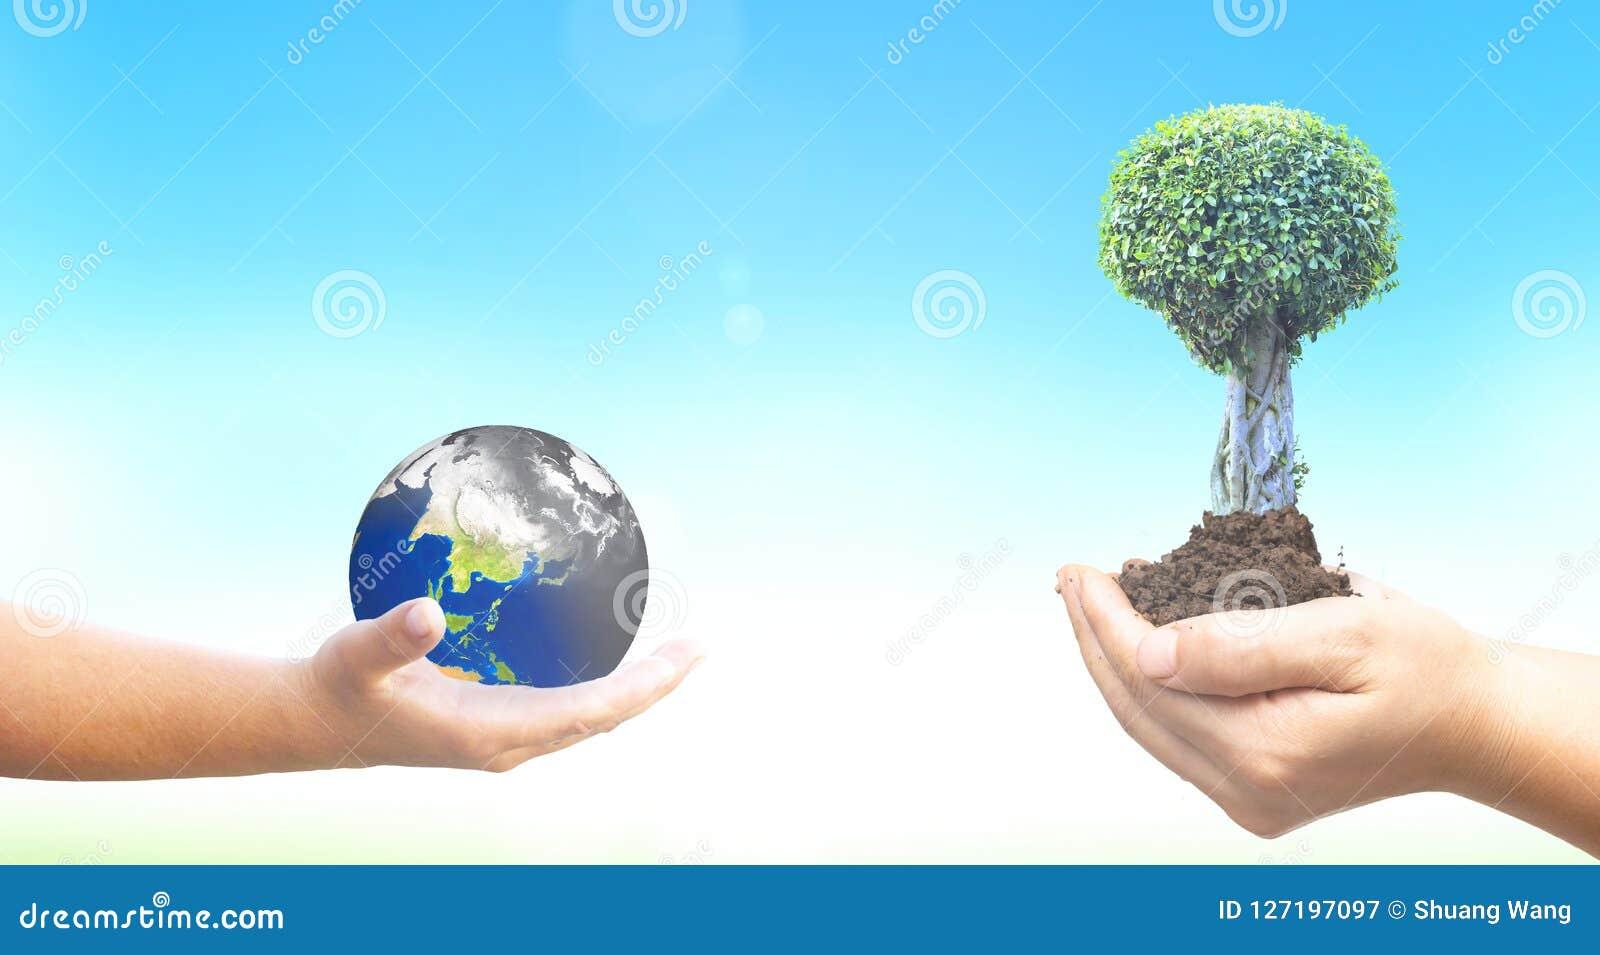 Έννοια ημέρας παγκόσμιου περιβάλλοντος: κράτημα της μολυσμένης γης και των πράσινων δέντρων στο μπλε υπόβαθρο φύσης